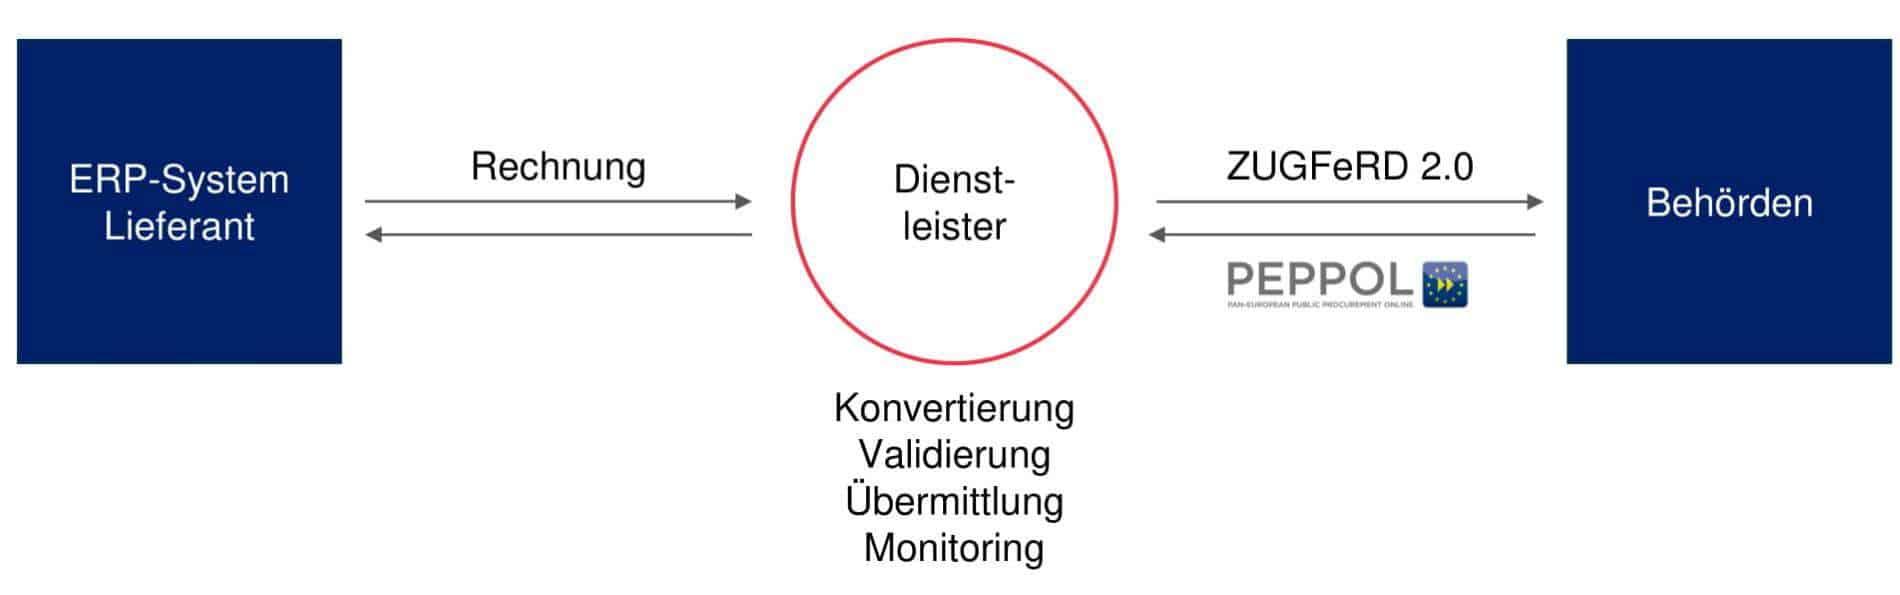 Beispielhafter Rechnungsworkflow mit einem Dienstleister.